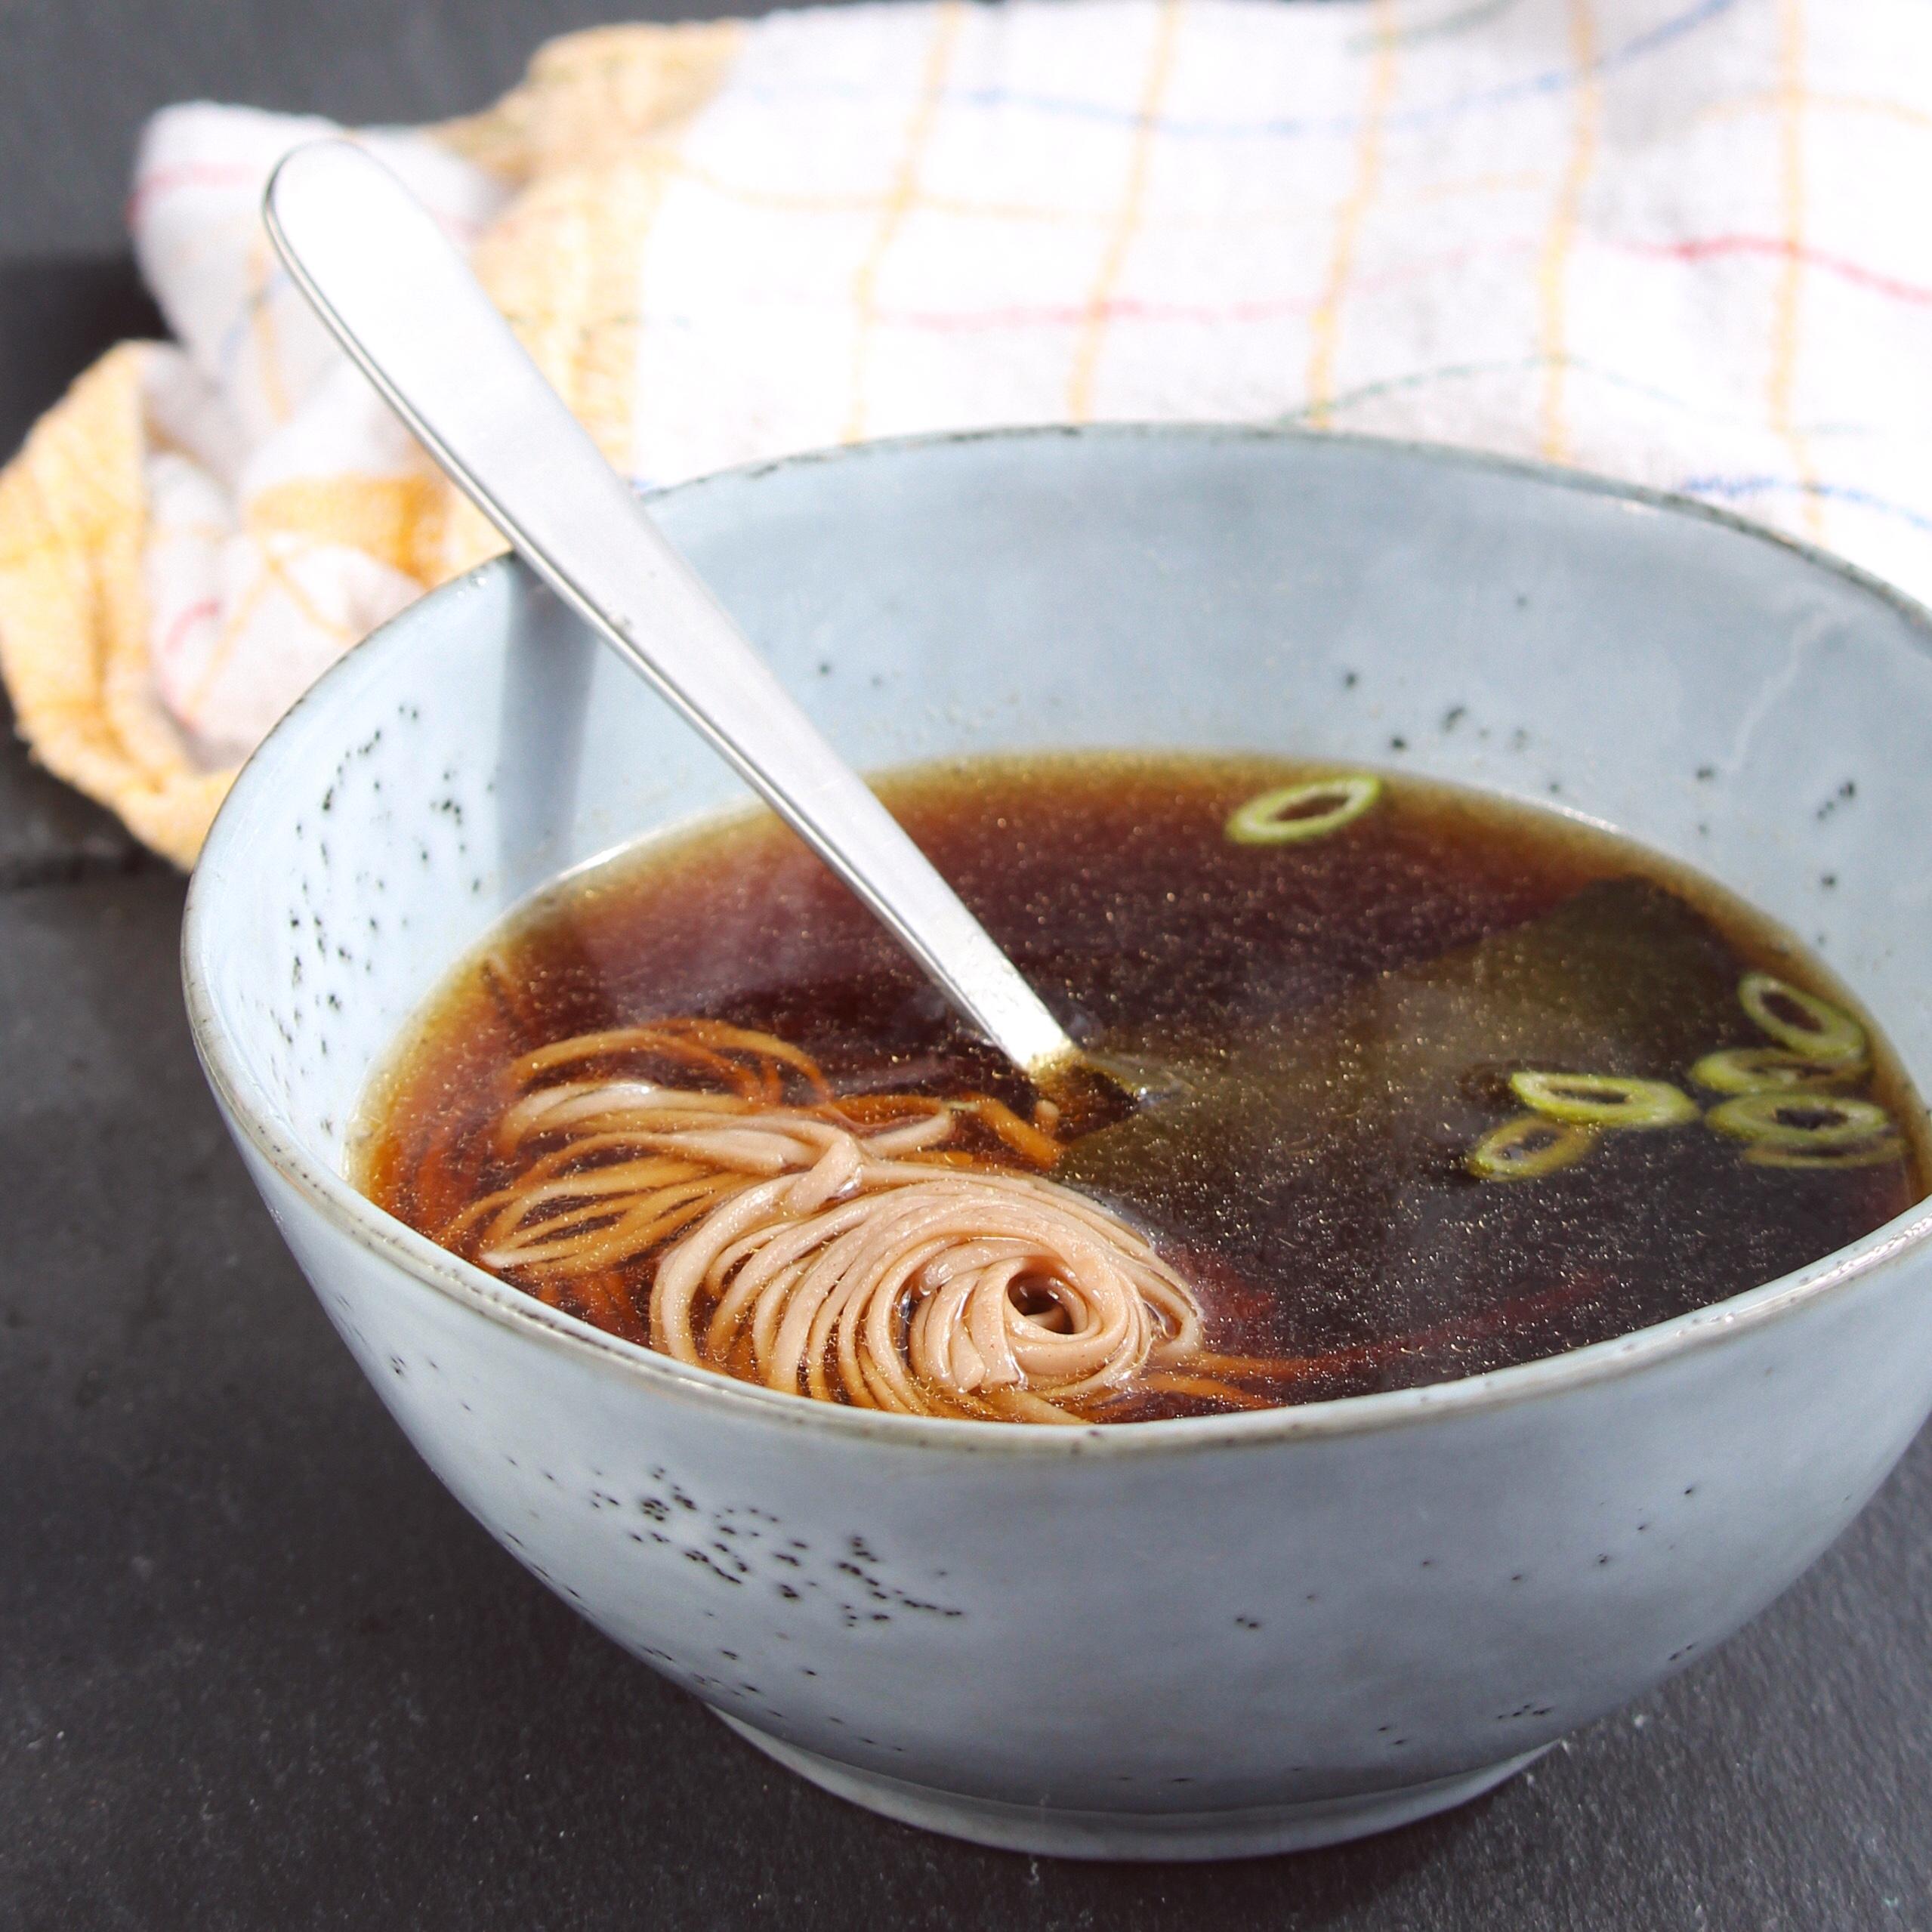 Basic Vegan Japanese Dashi-Soup-Stock Recipe